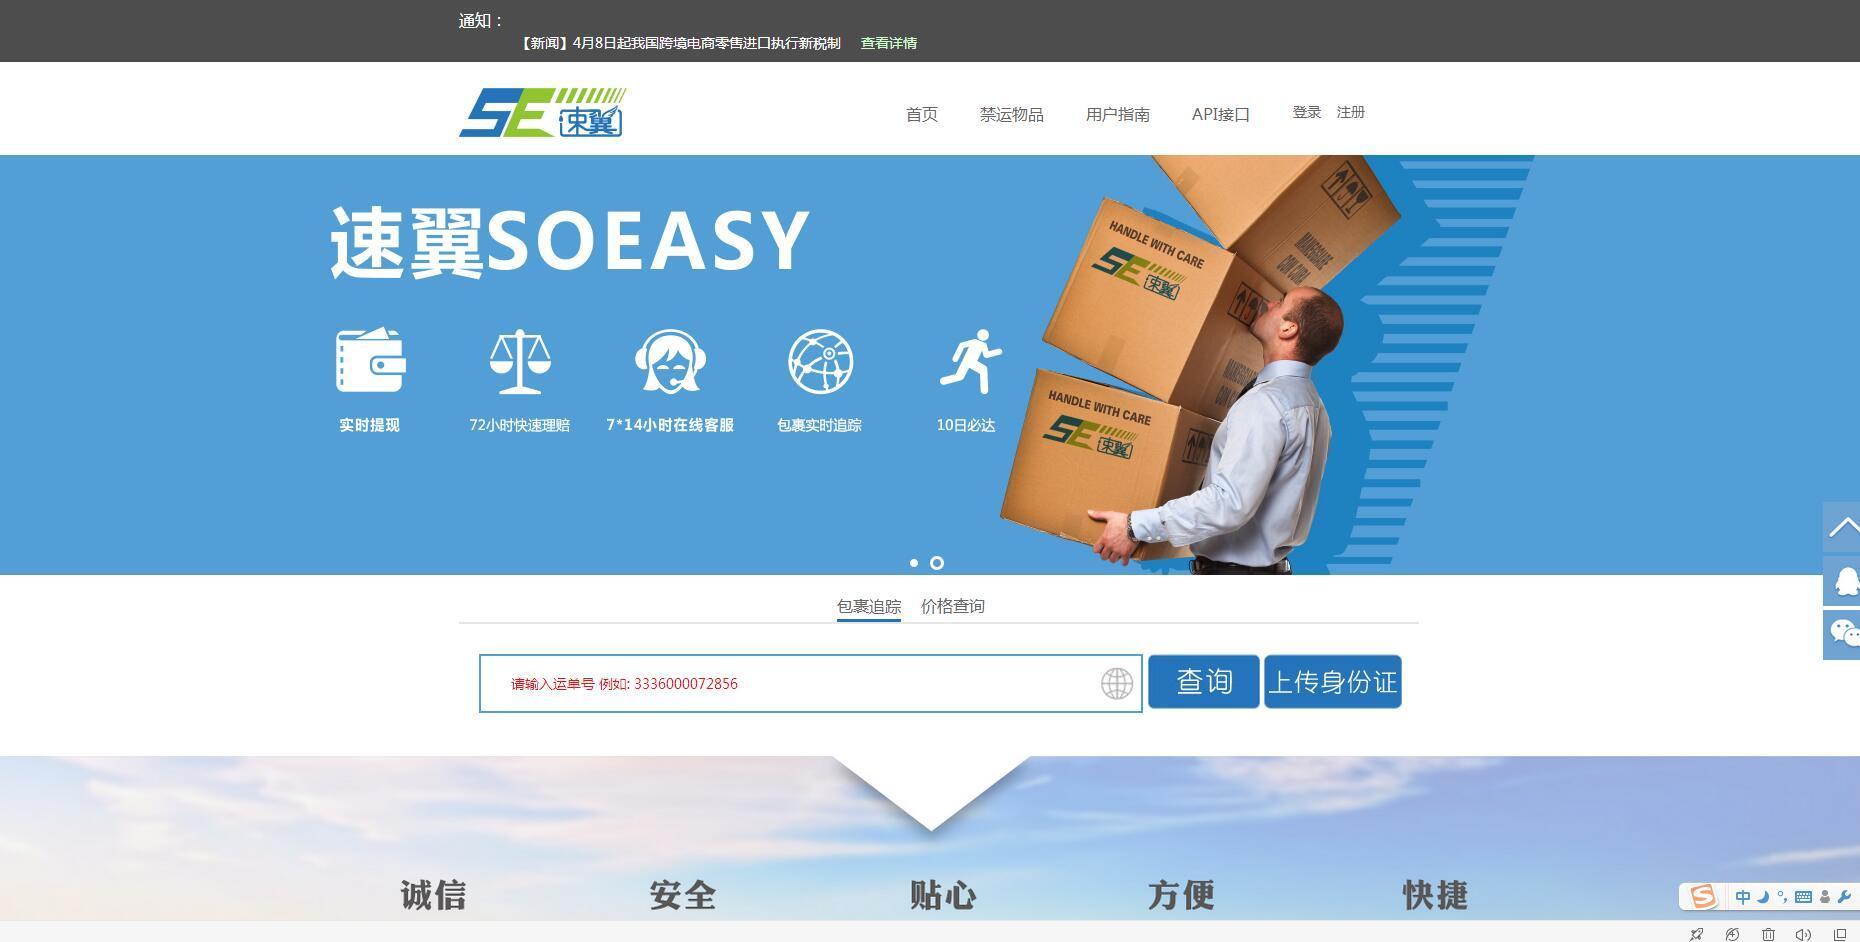 """为什么我的海淘转运一直显示""""飞往中国""""?"""